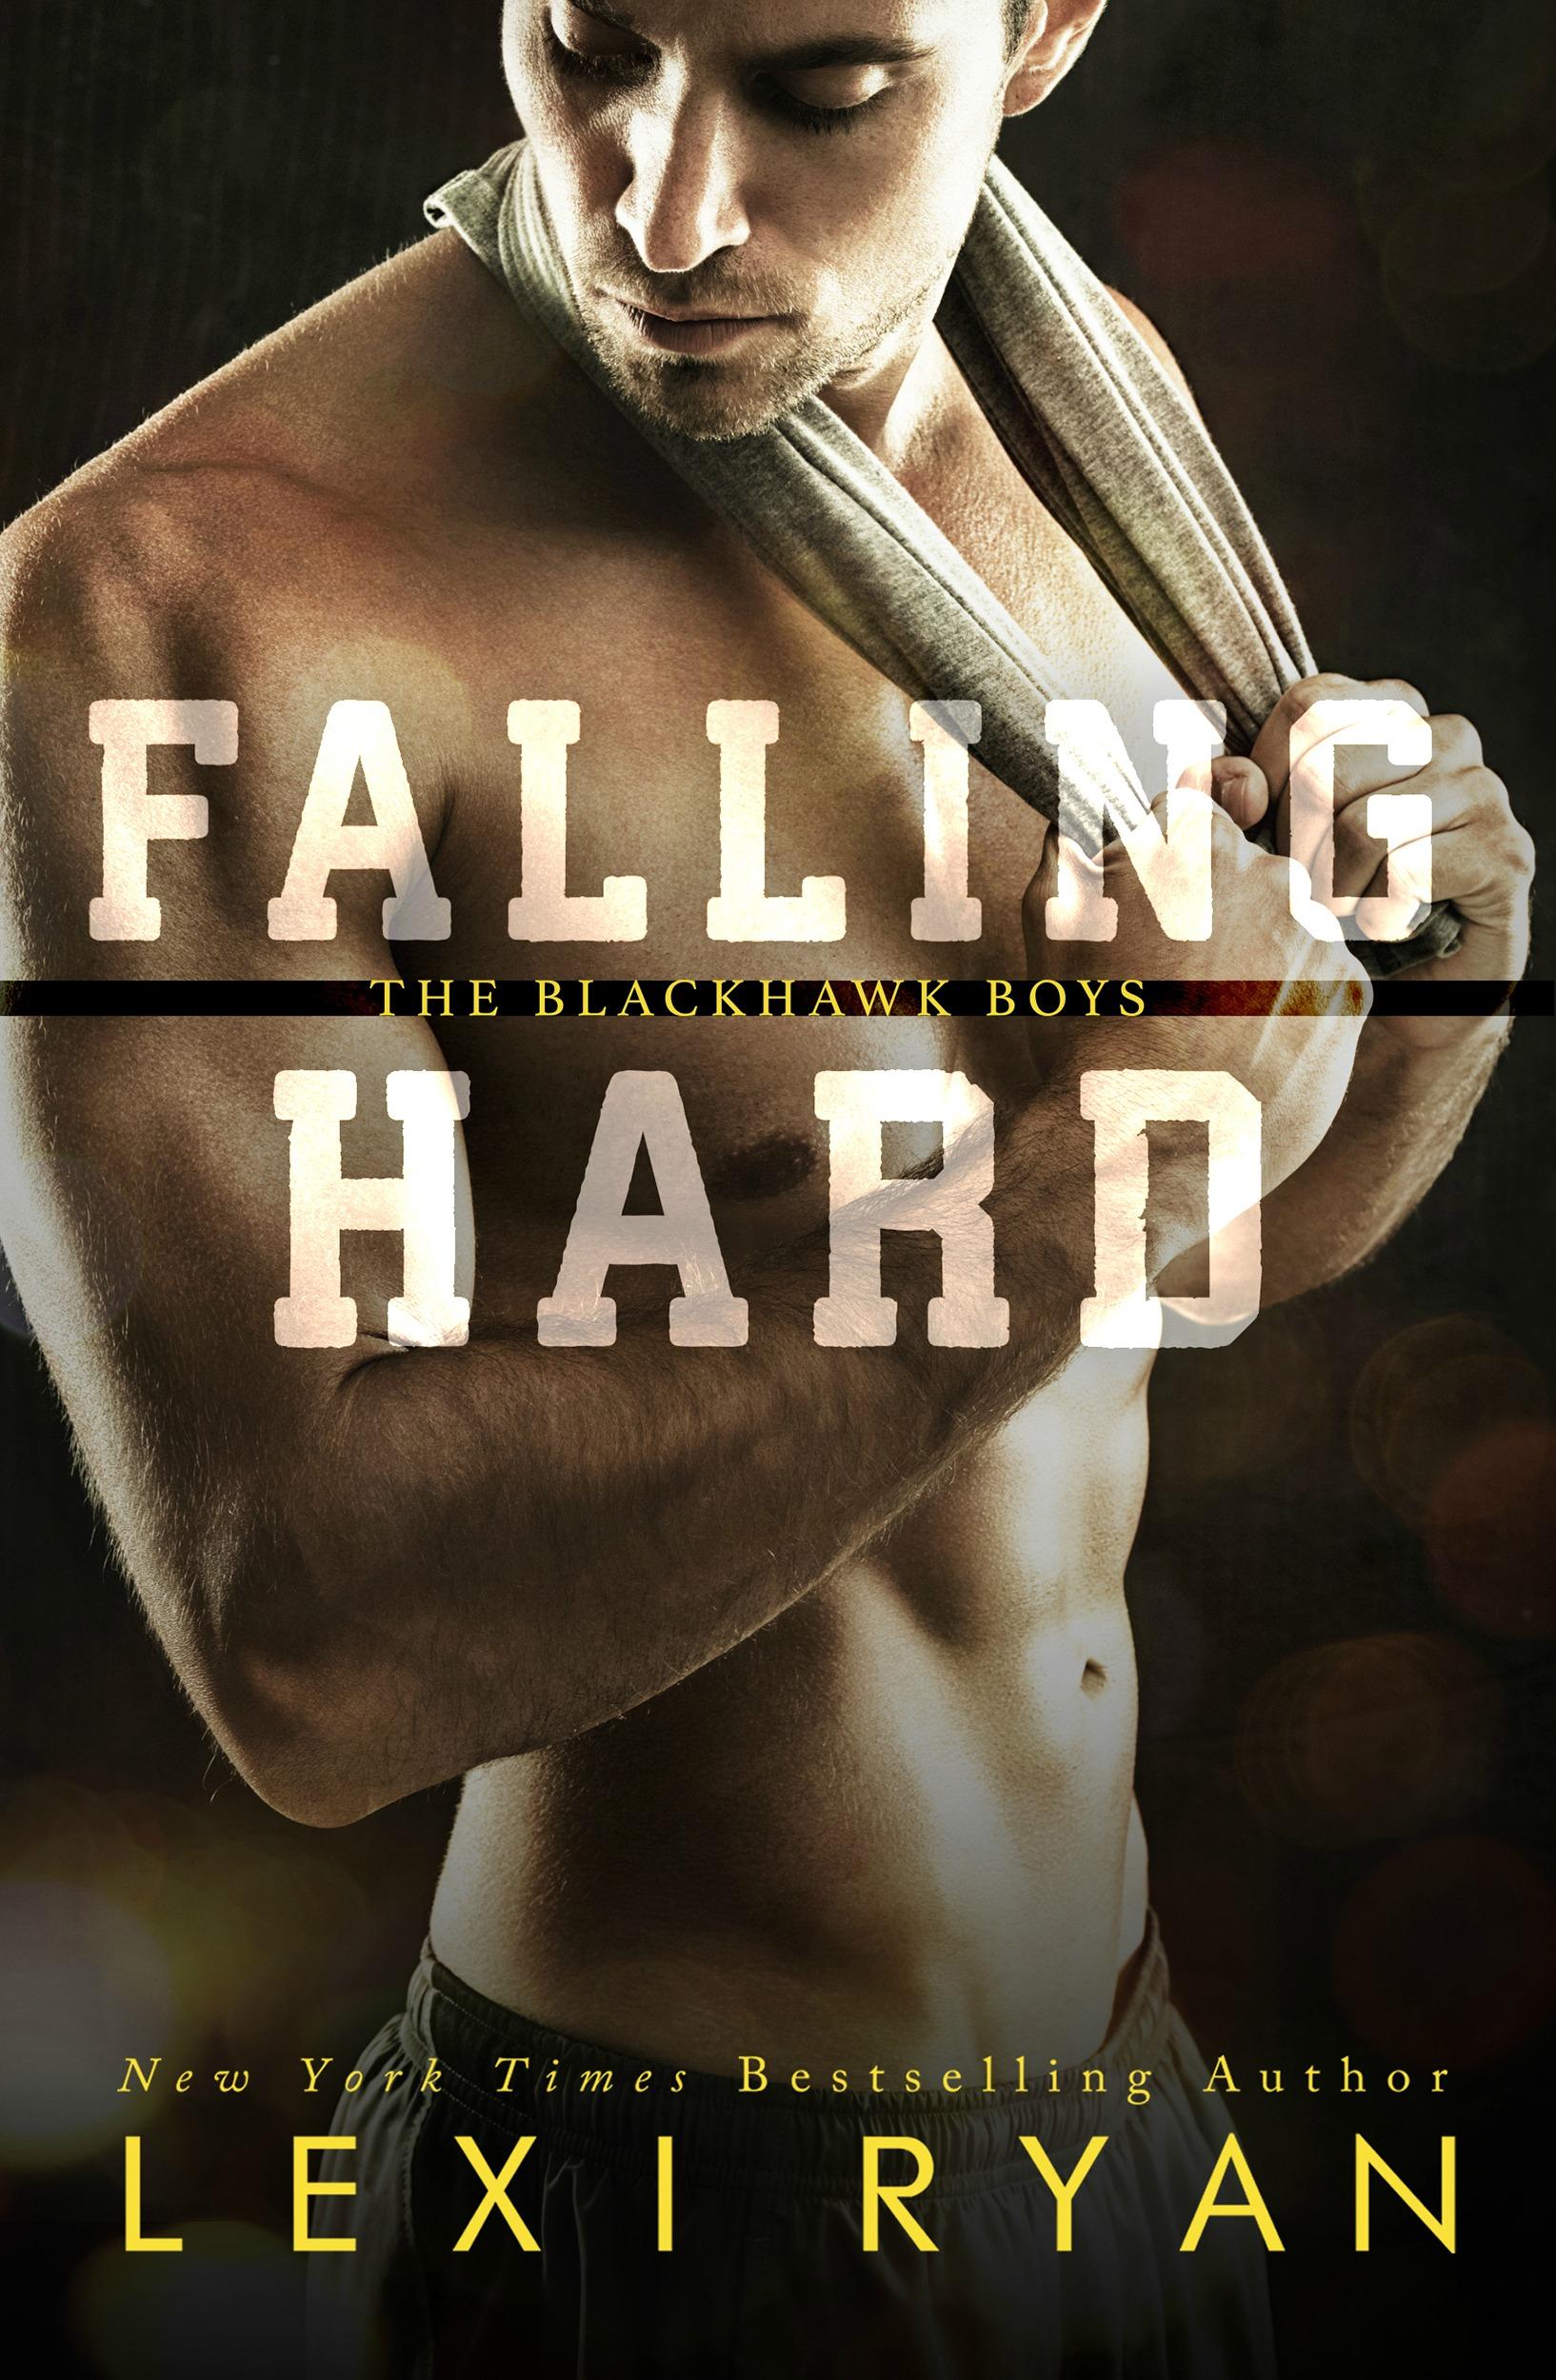 Book 4 - FALLING HARD (Keegan's story)   Amazon US   Amazon UK   Amazon CA   Amazon AU   B&N   Kobo   iBooks   Google Play